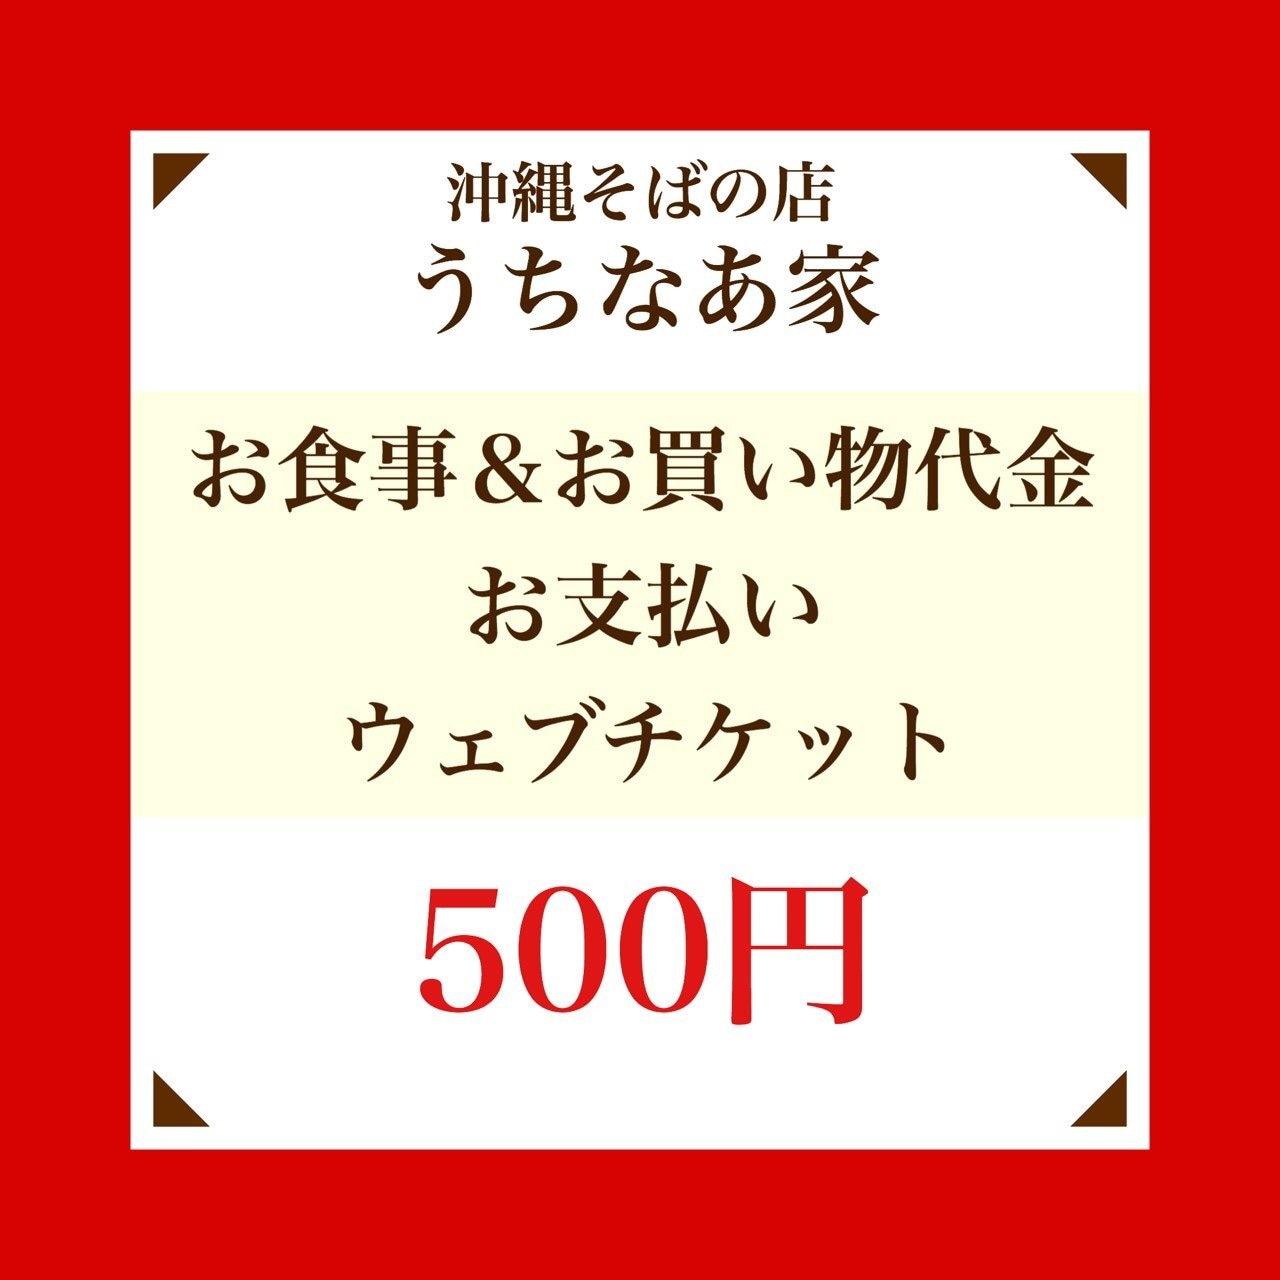 500円お食事券&お買い物チケットのイメージその1